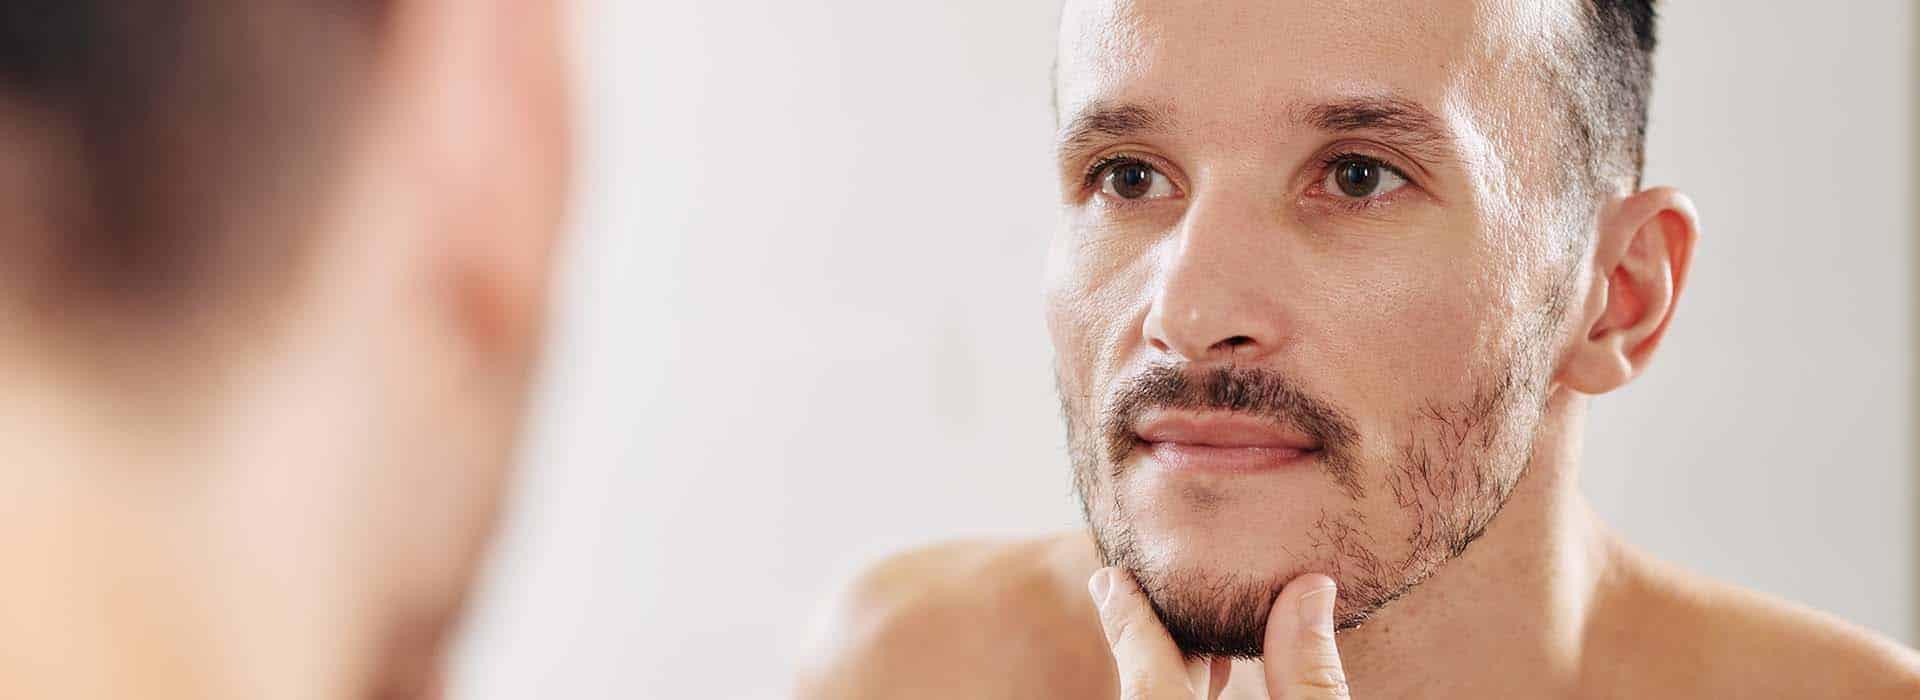 Aumento de mentón con mentoplastia